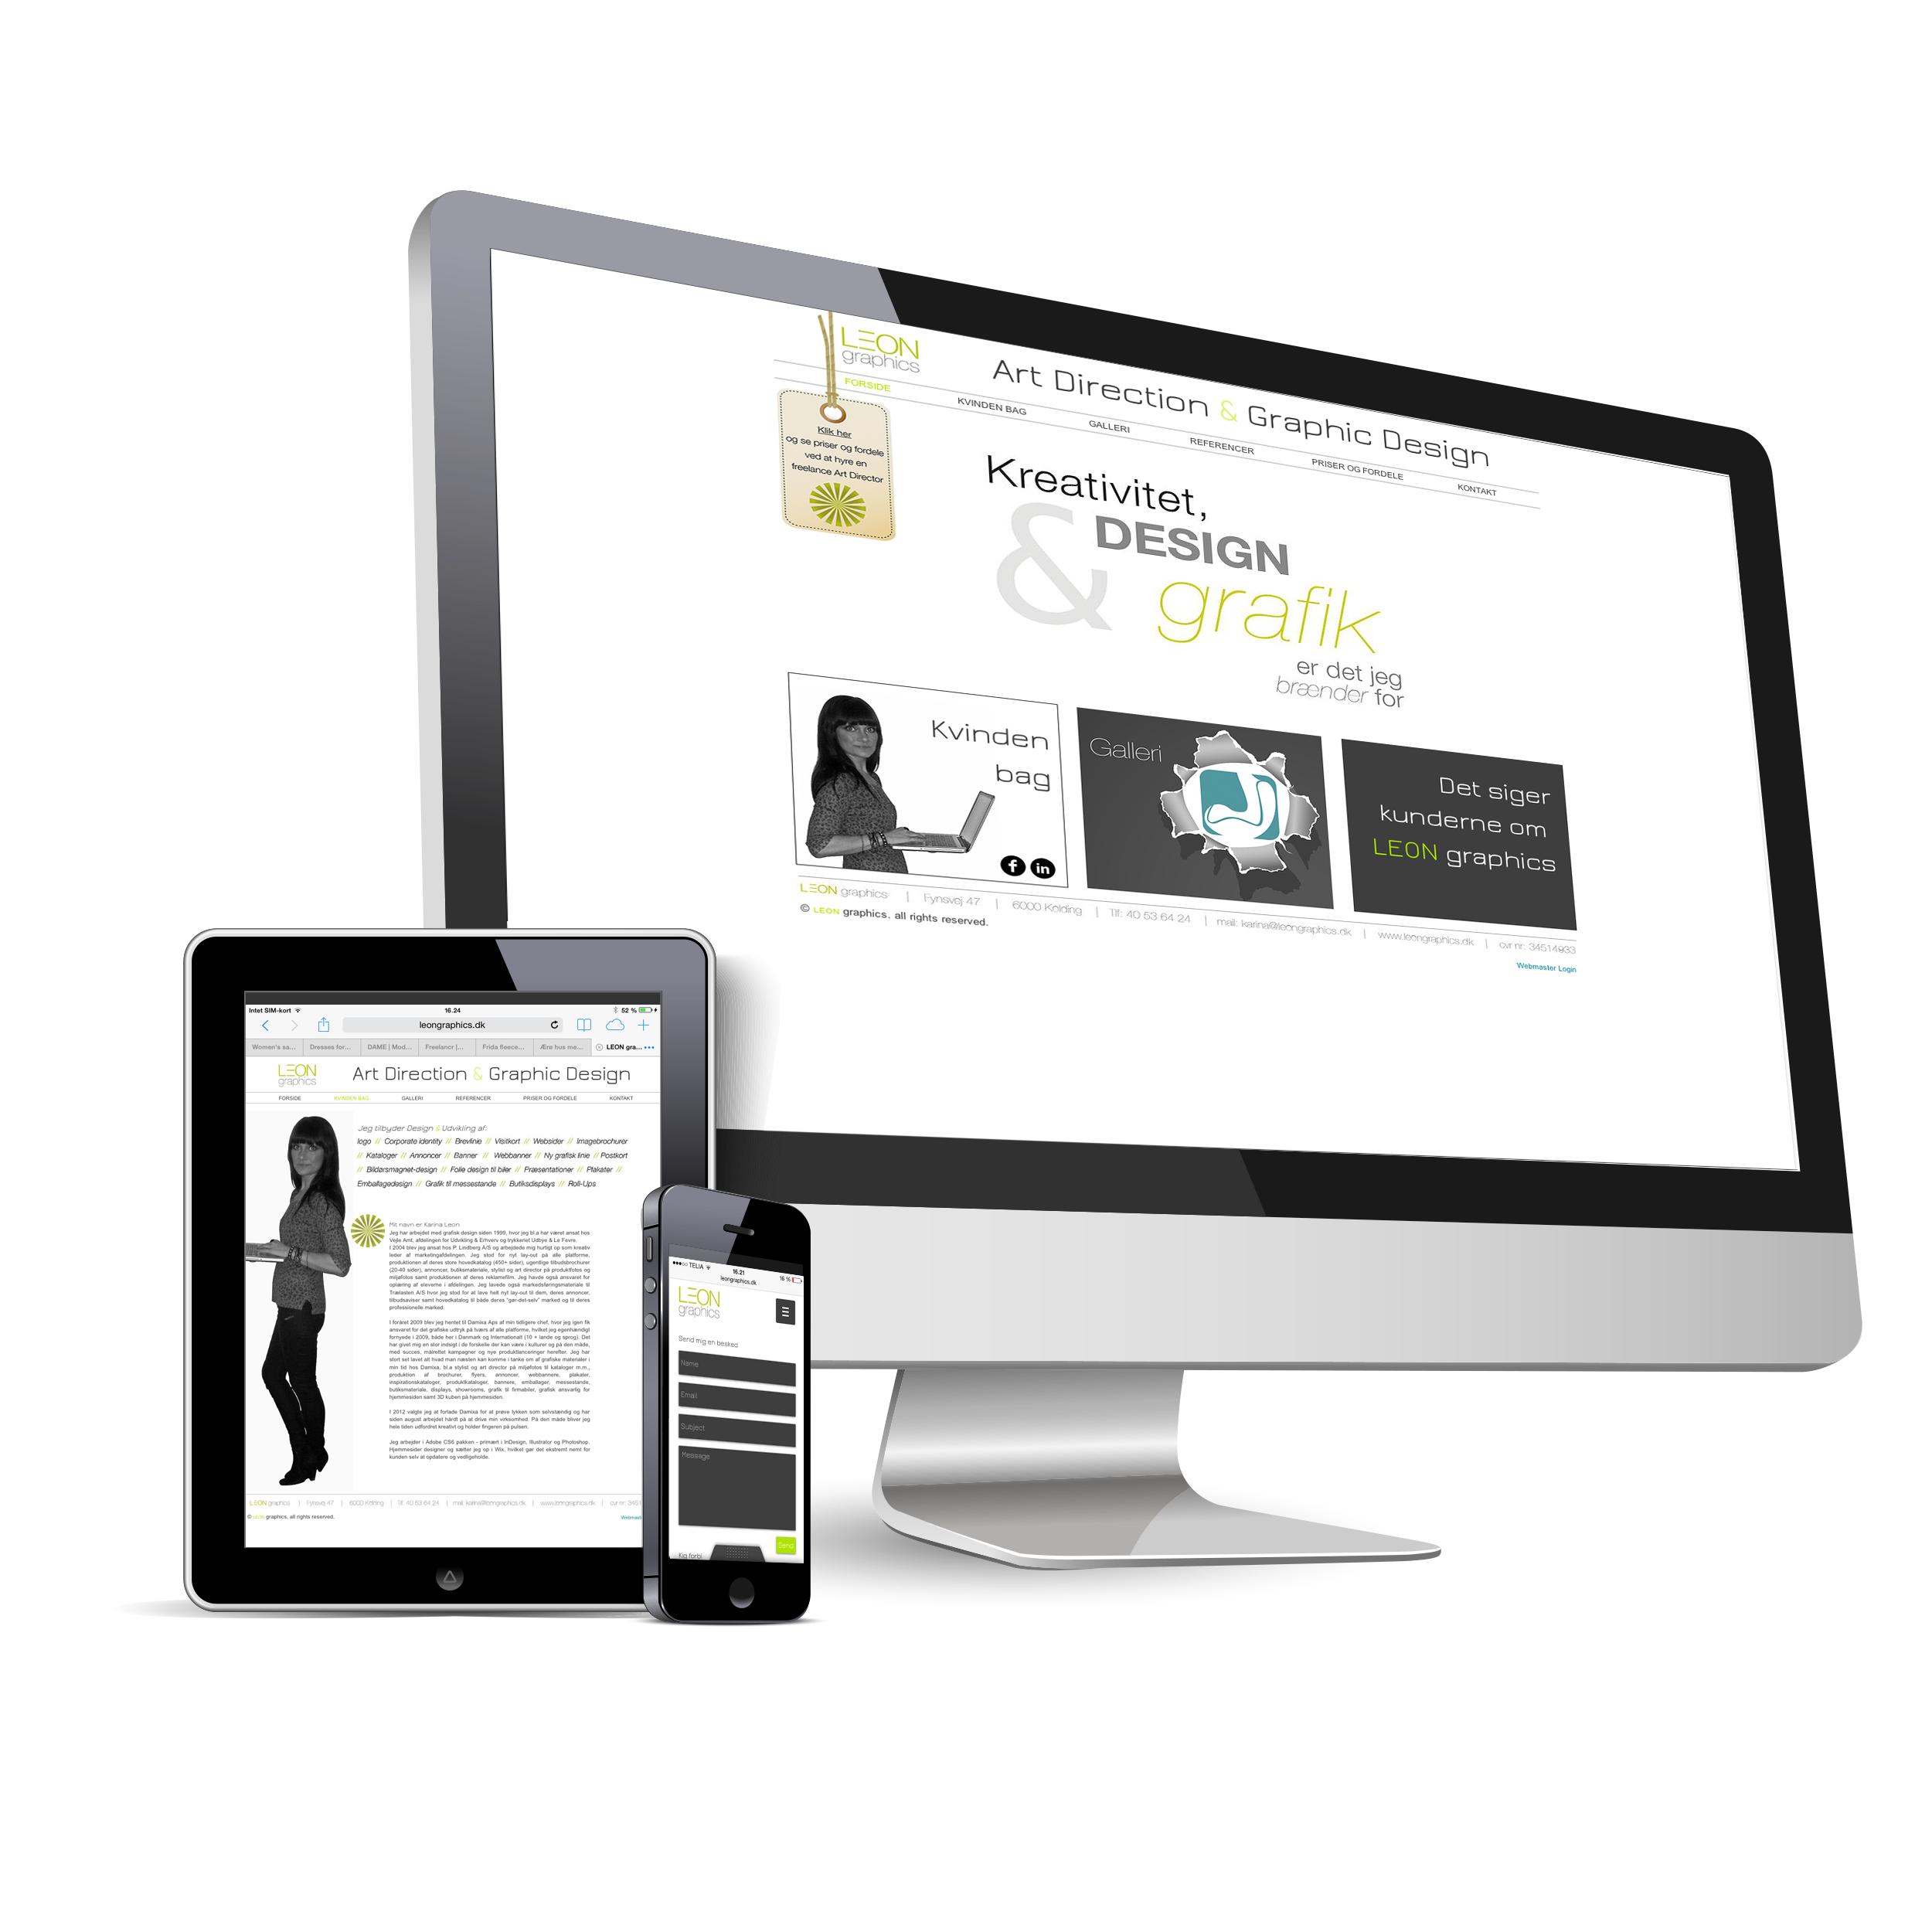 Responsive web site - LEON graphics